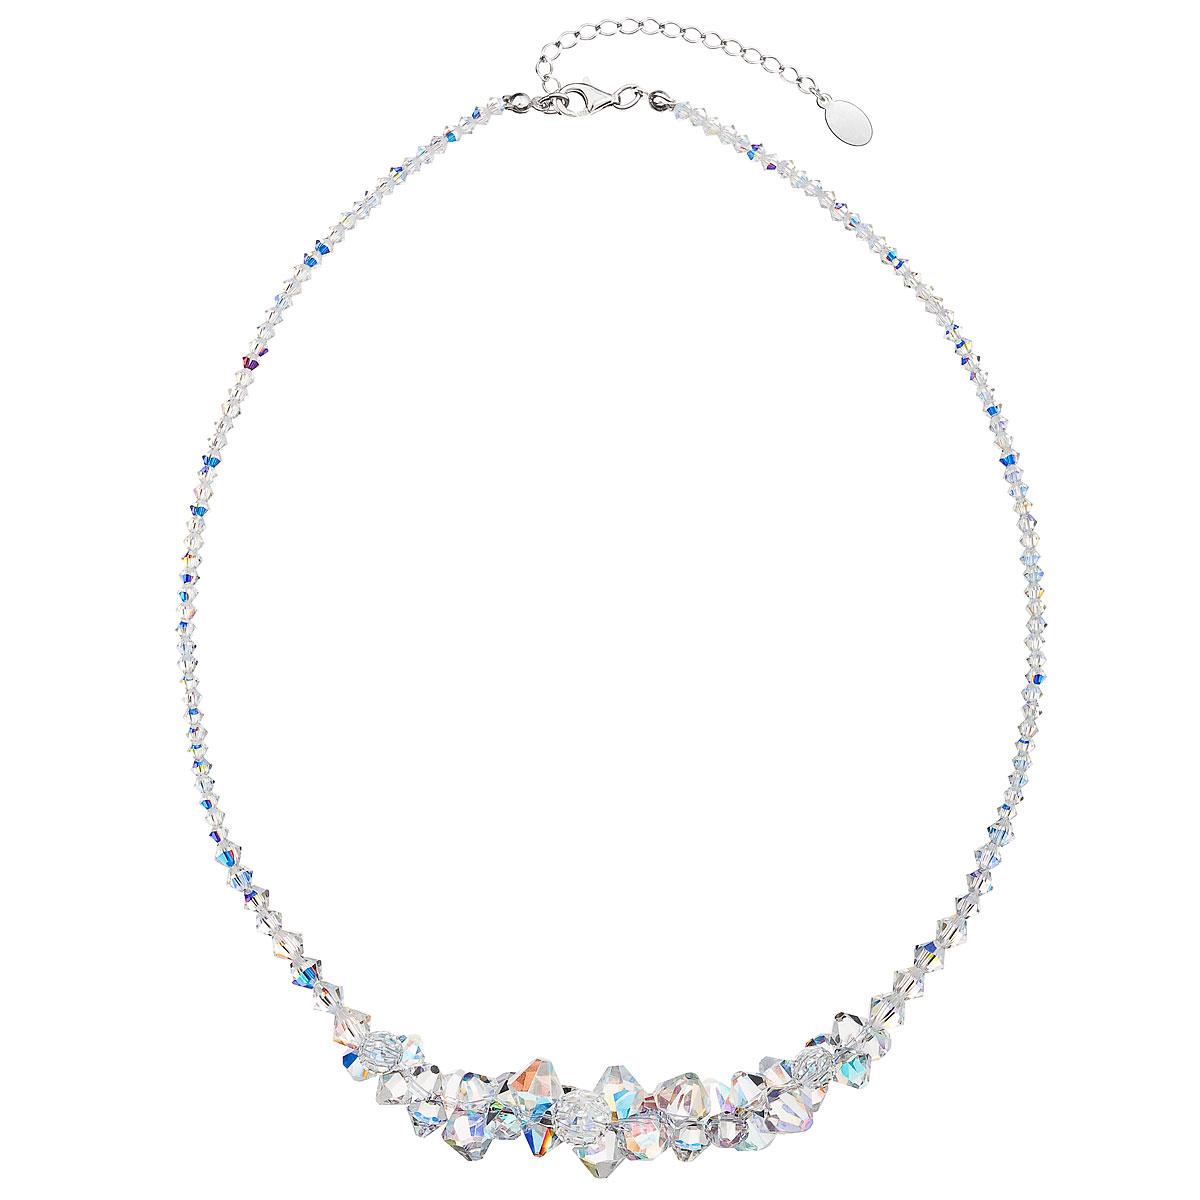 Evolution Group Stříbrný náhrdelník s krystaly Swarovski AB efekt hrozen 32028.2